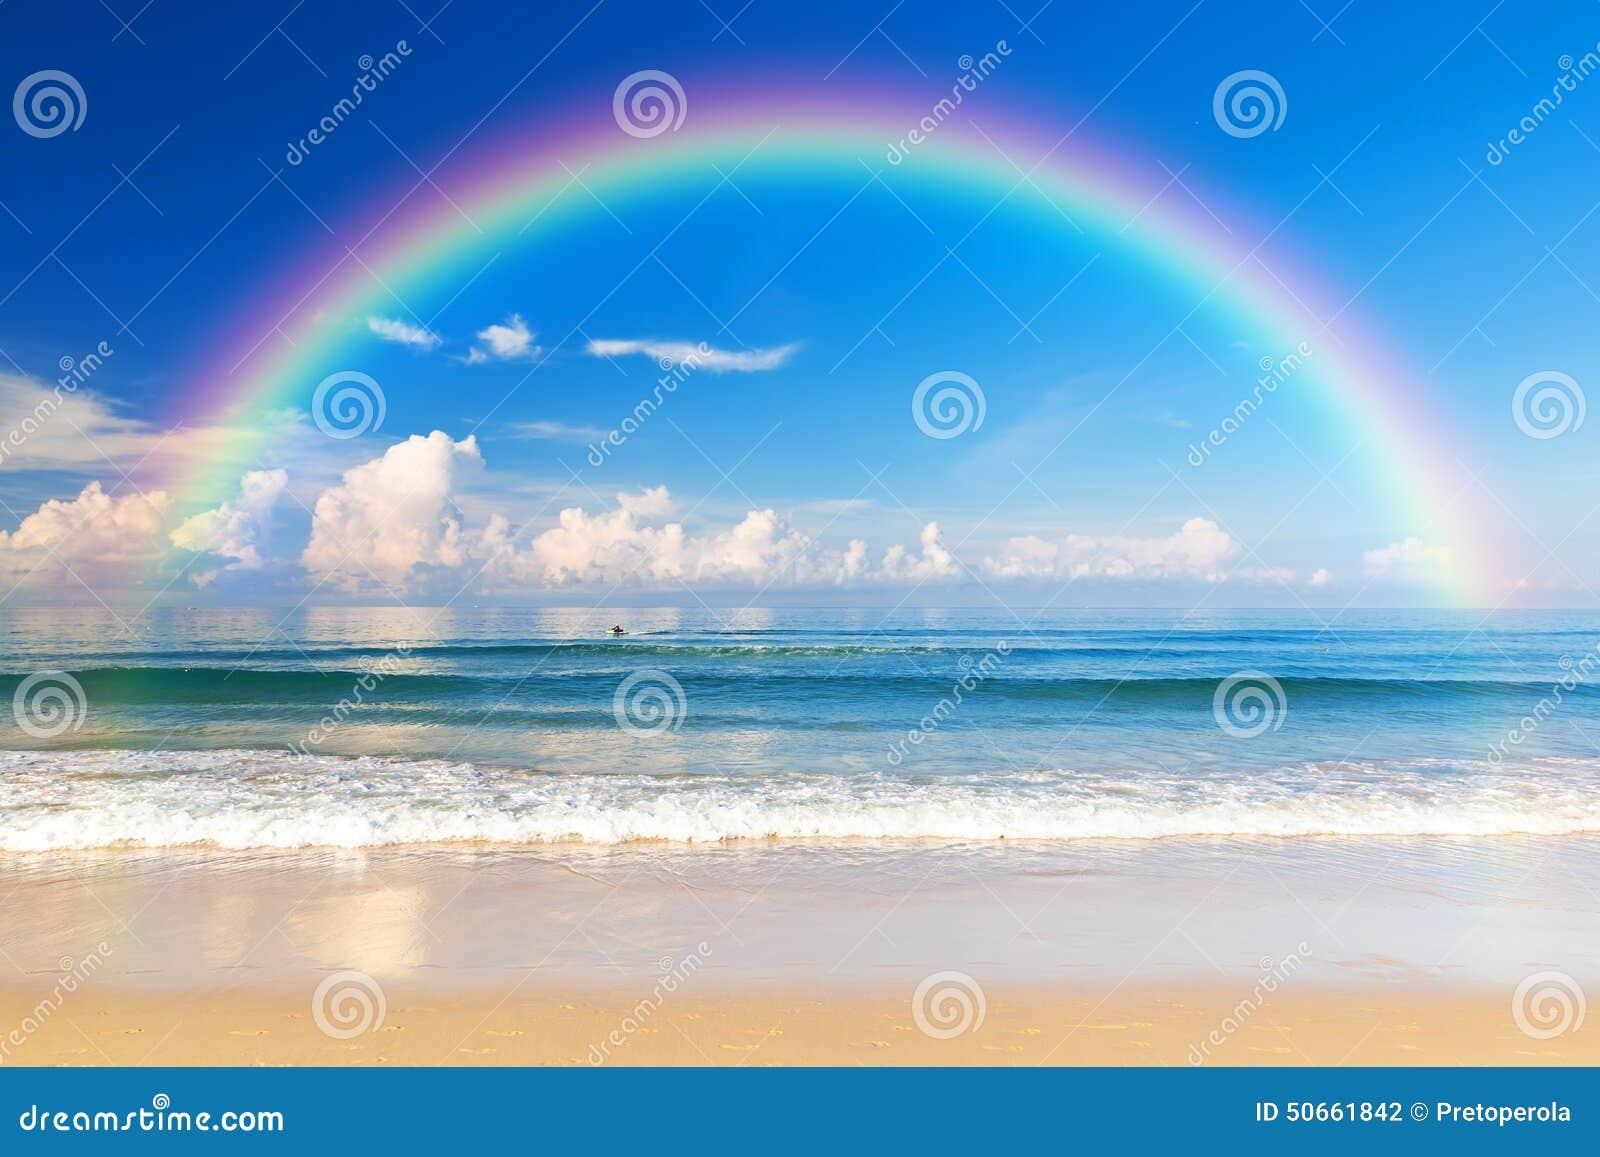 Mooie overzees met een regenboog in de hemel